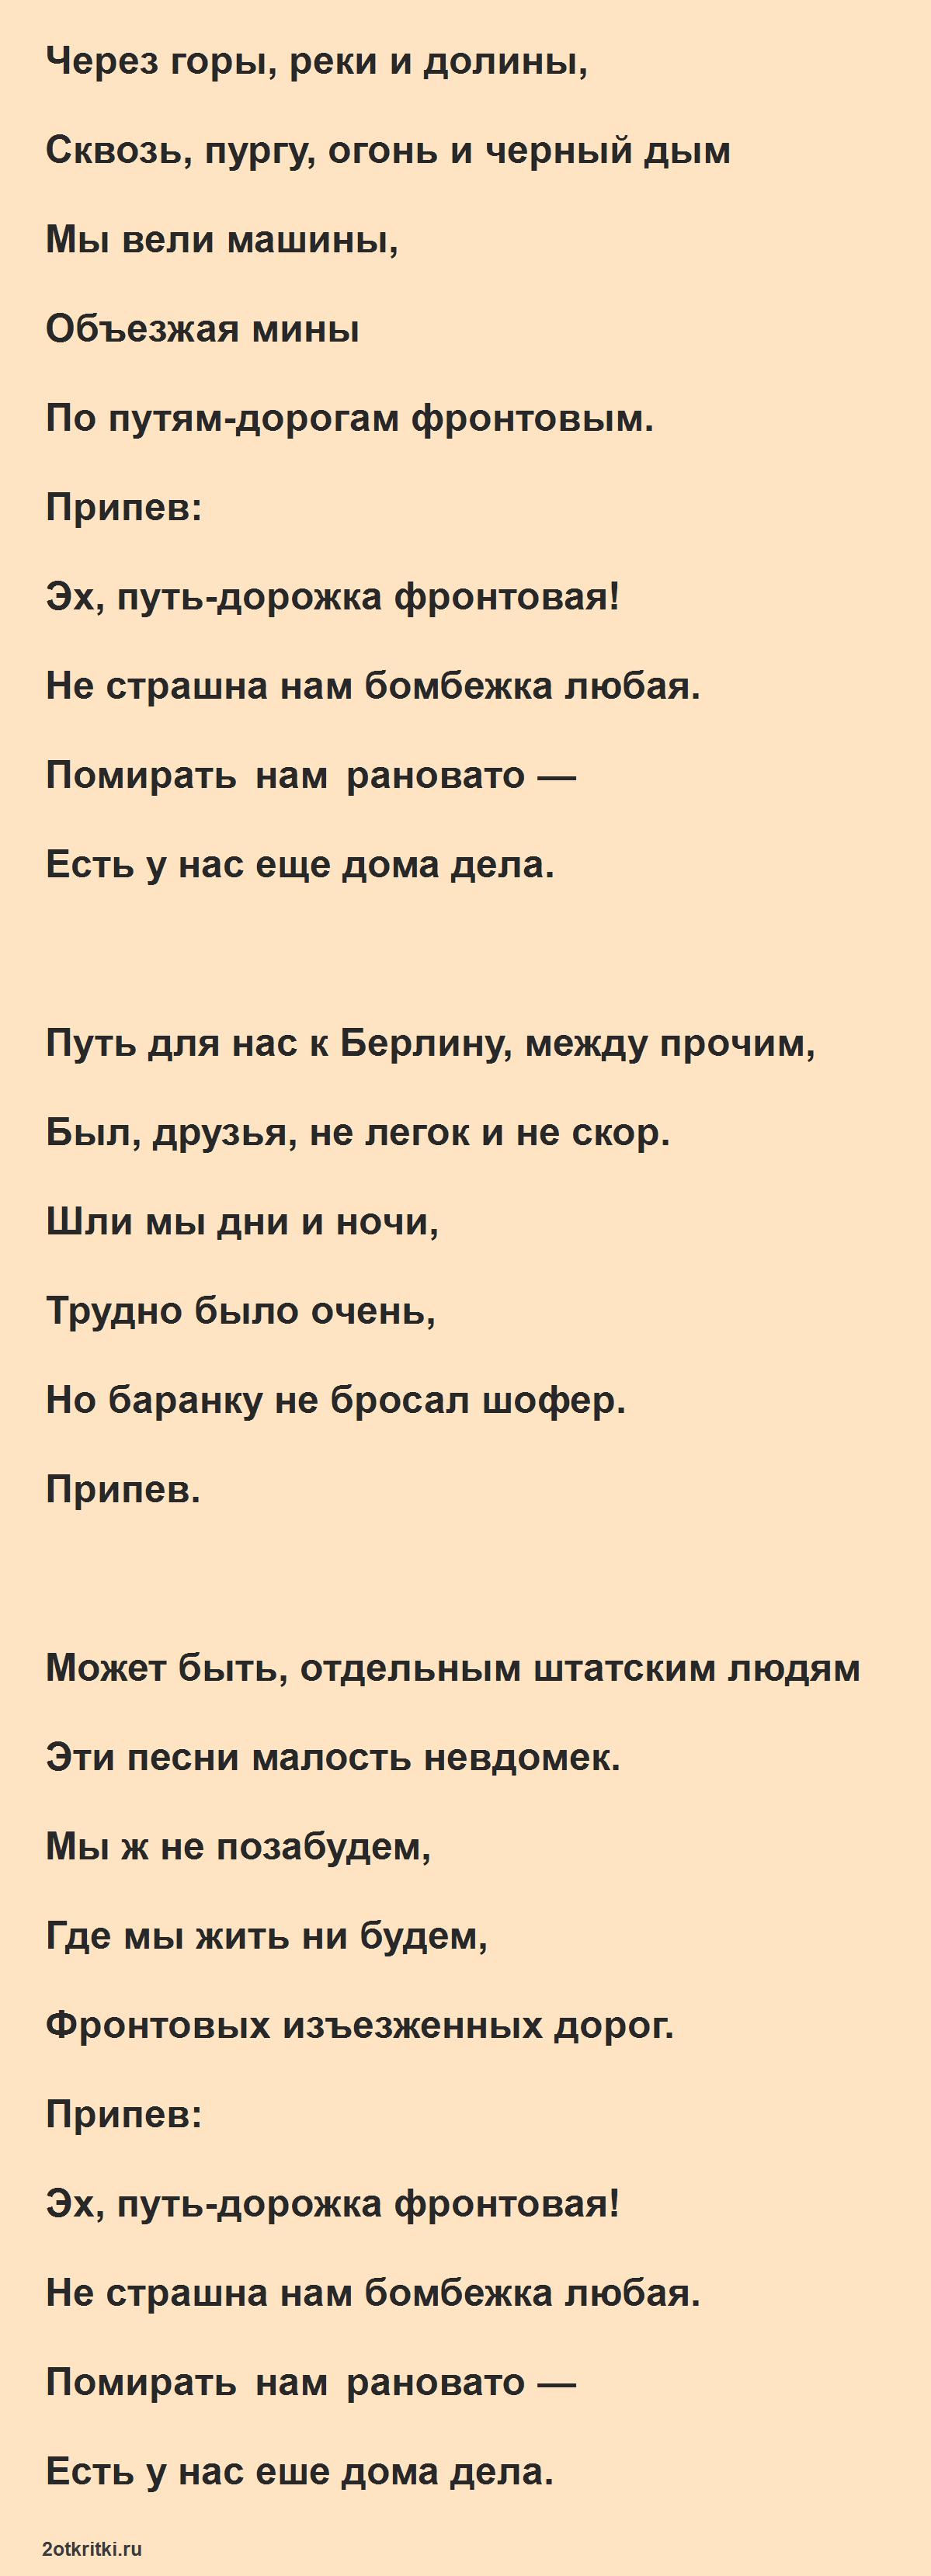 Тексты военных песен к 9 мая - Дорожка фронтовая